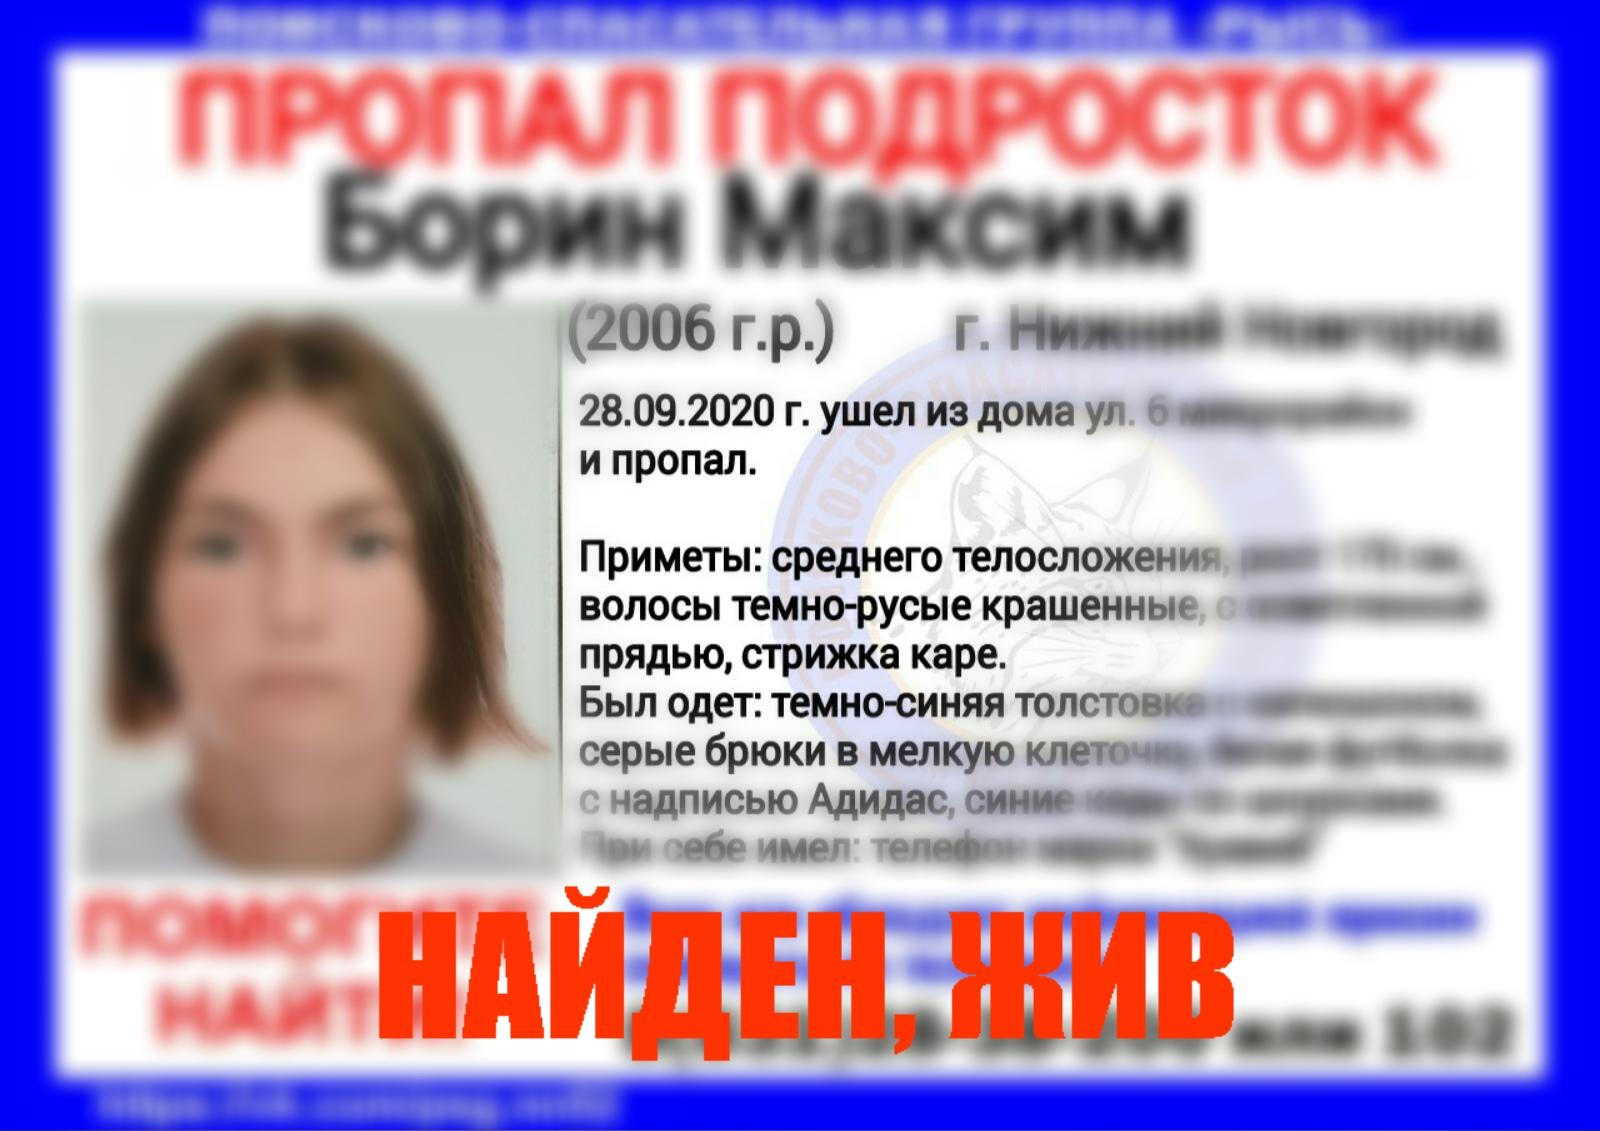 Борин Максим, 2006 г. р., г. Нижний Новгород